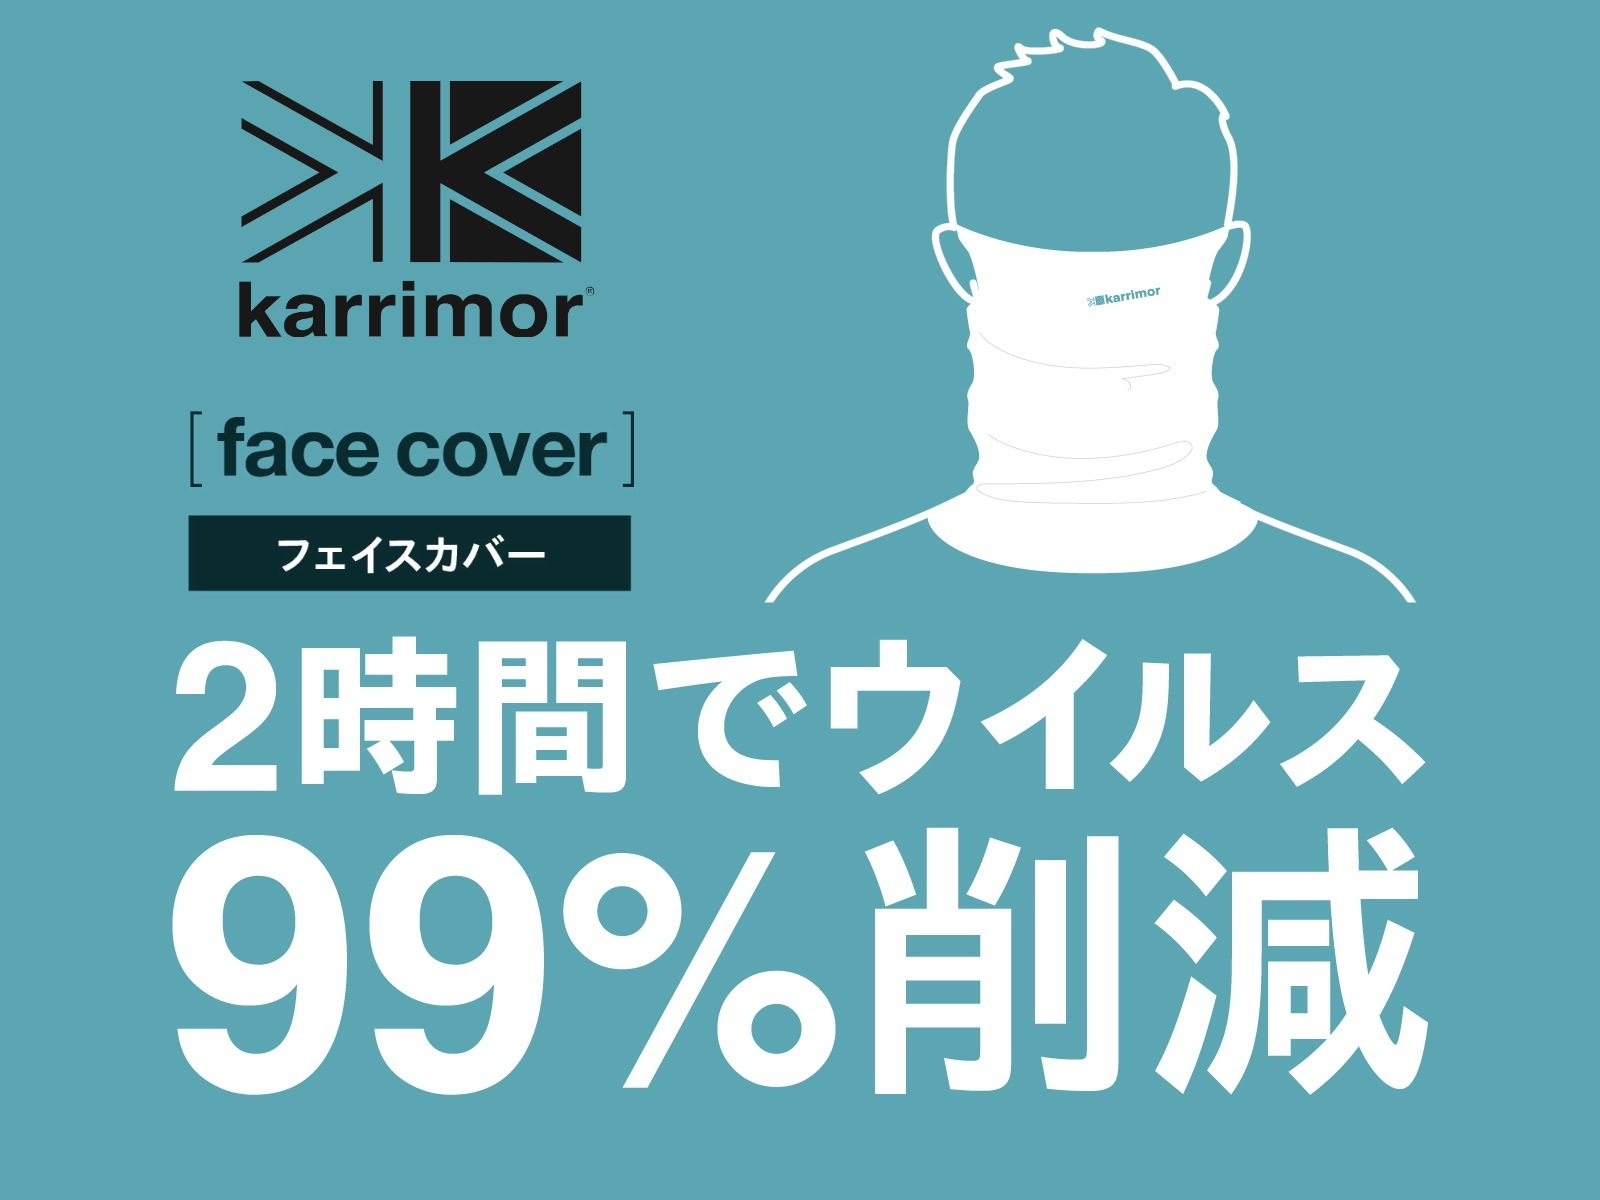 カリマーの抗菌・抗ウイルス機能を搭載したフェイスカバーが秀逸。【karrimor】